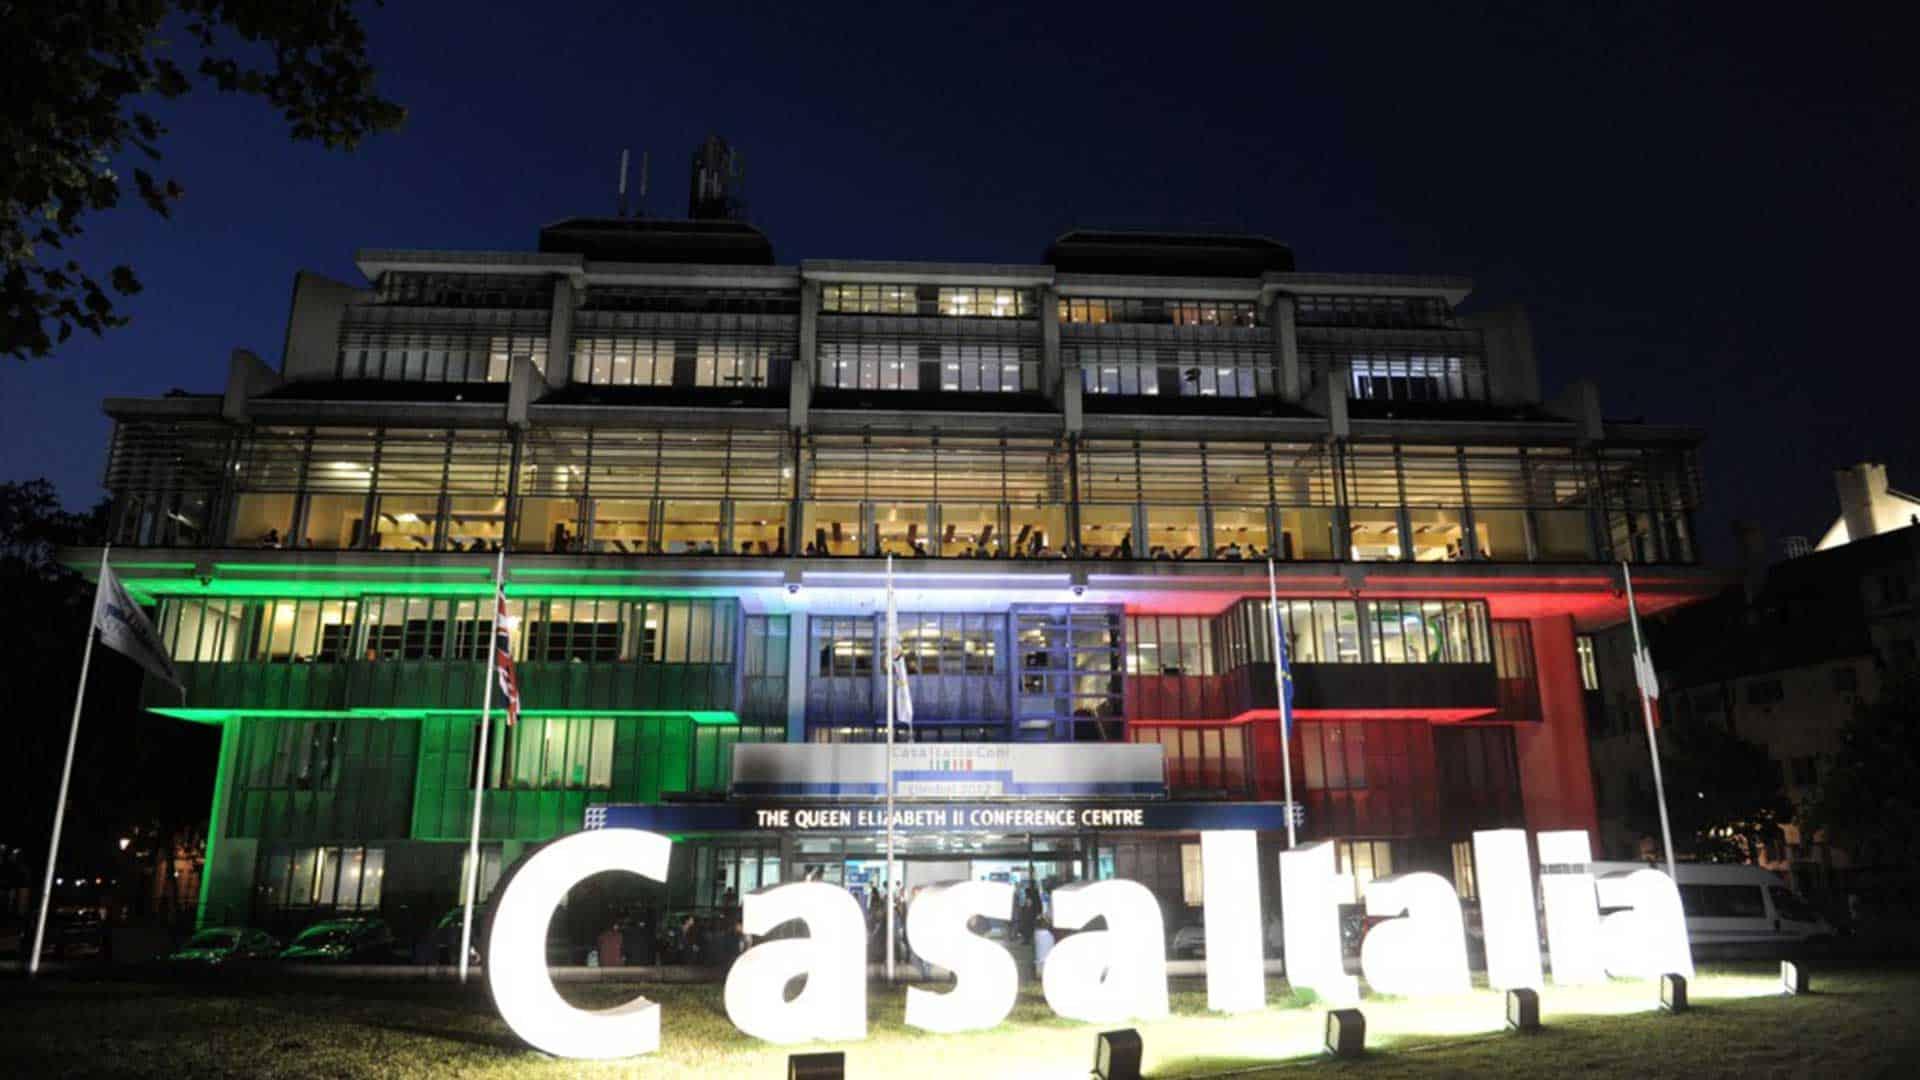 CASA ITALIA LONDRA 2012